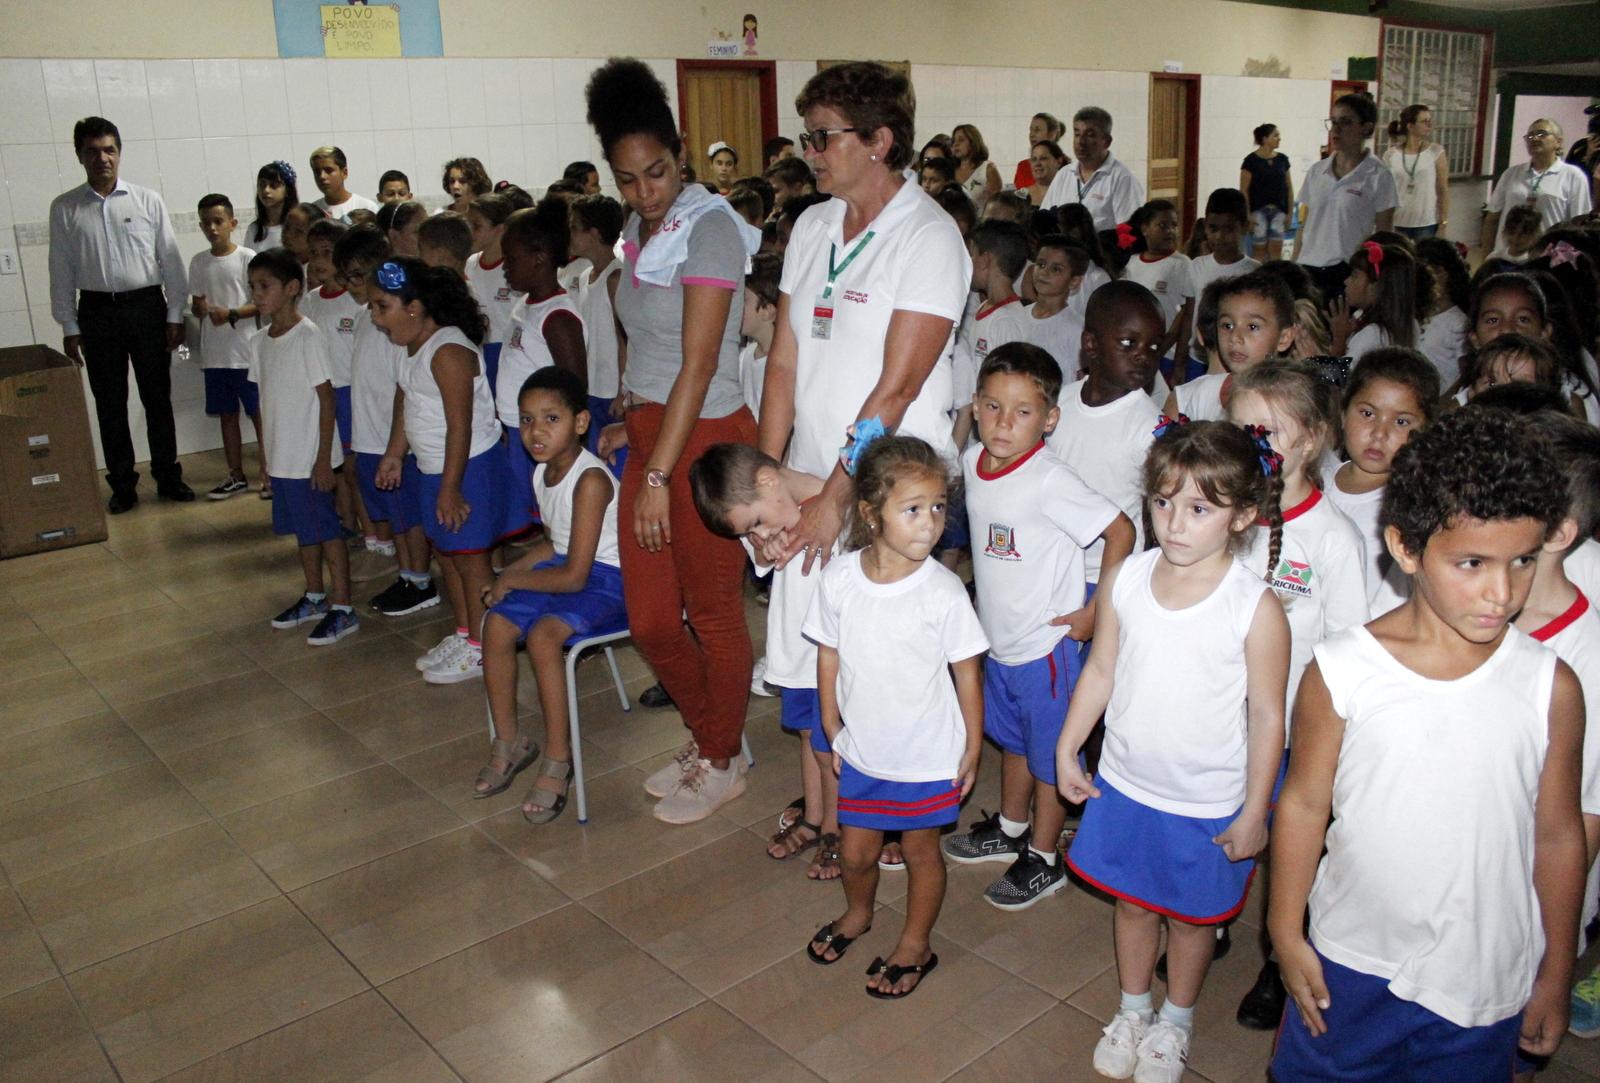 Prefeitura Municipal de Criciúma - Aulas iniciam na rede municipal de ensino de Criciúma